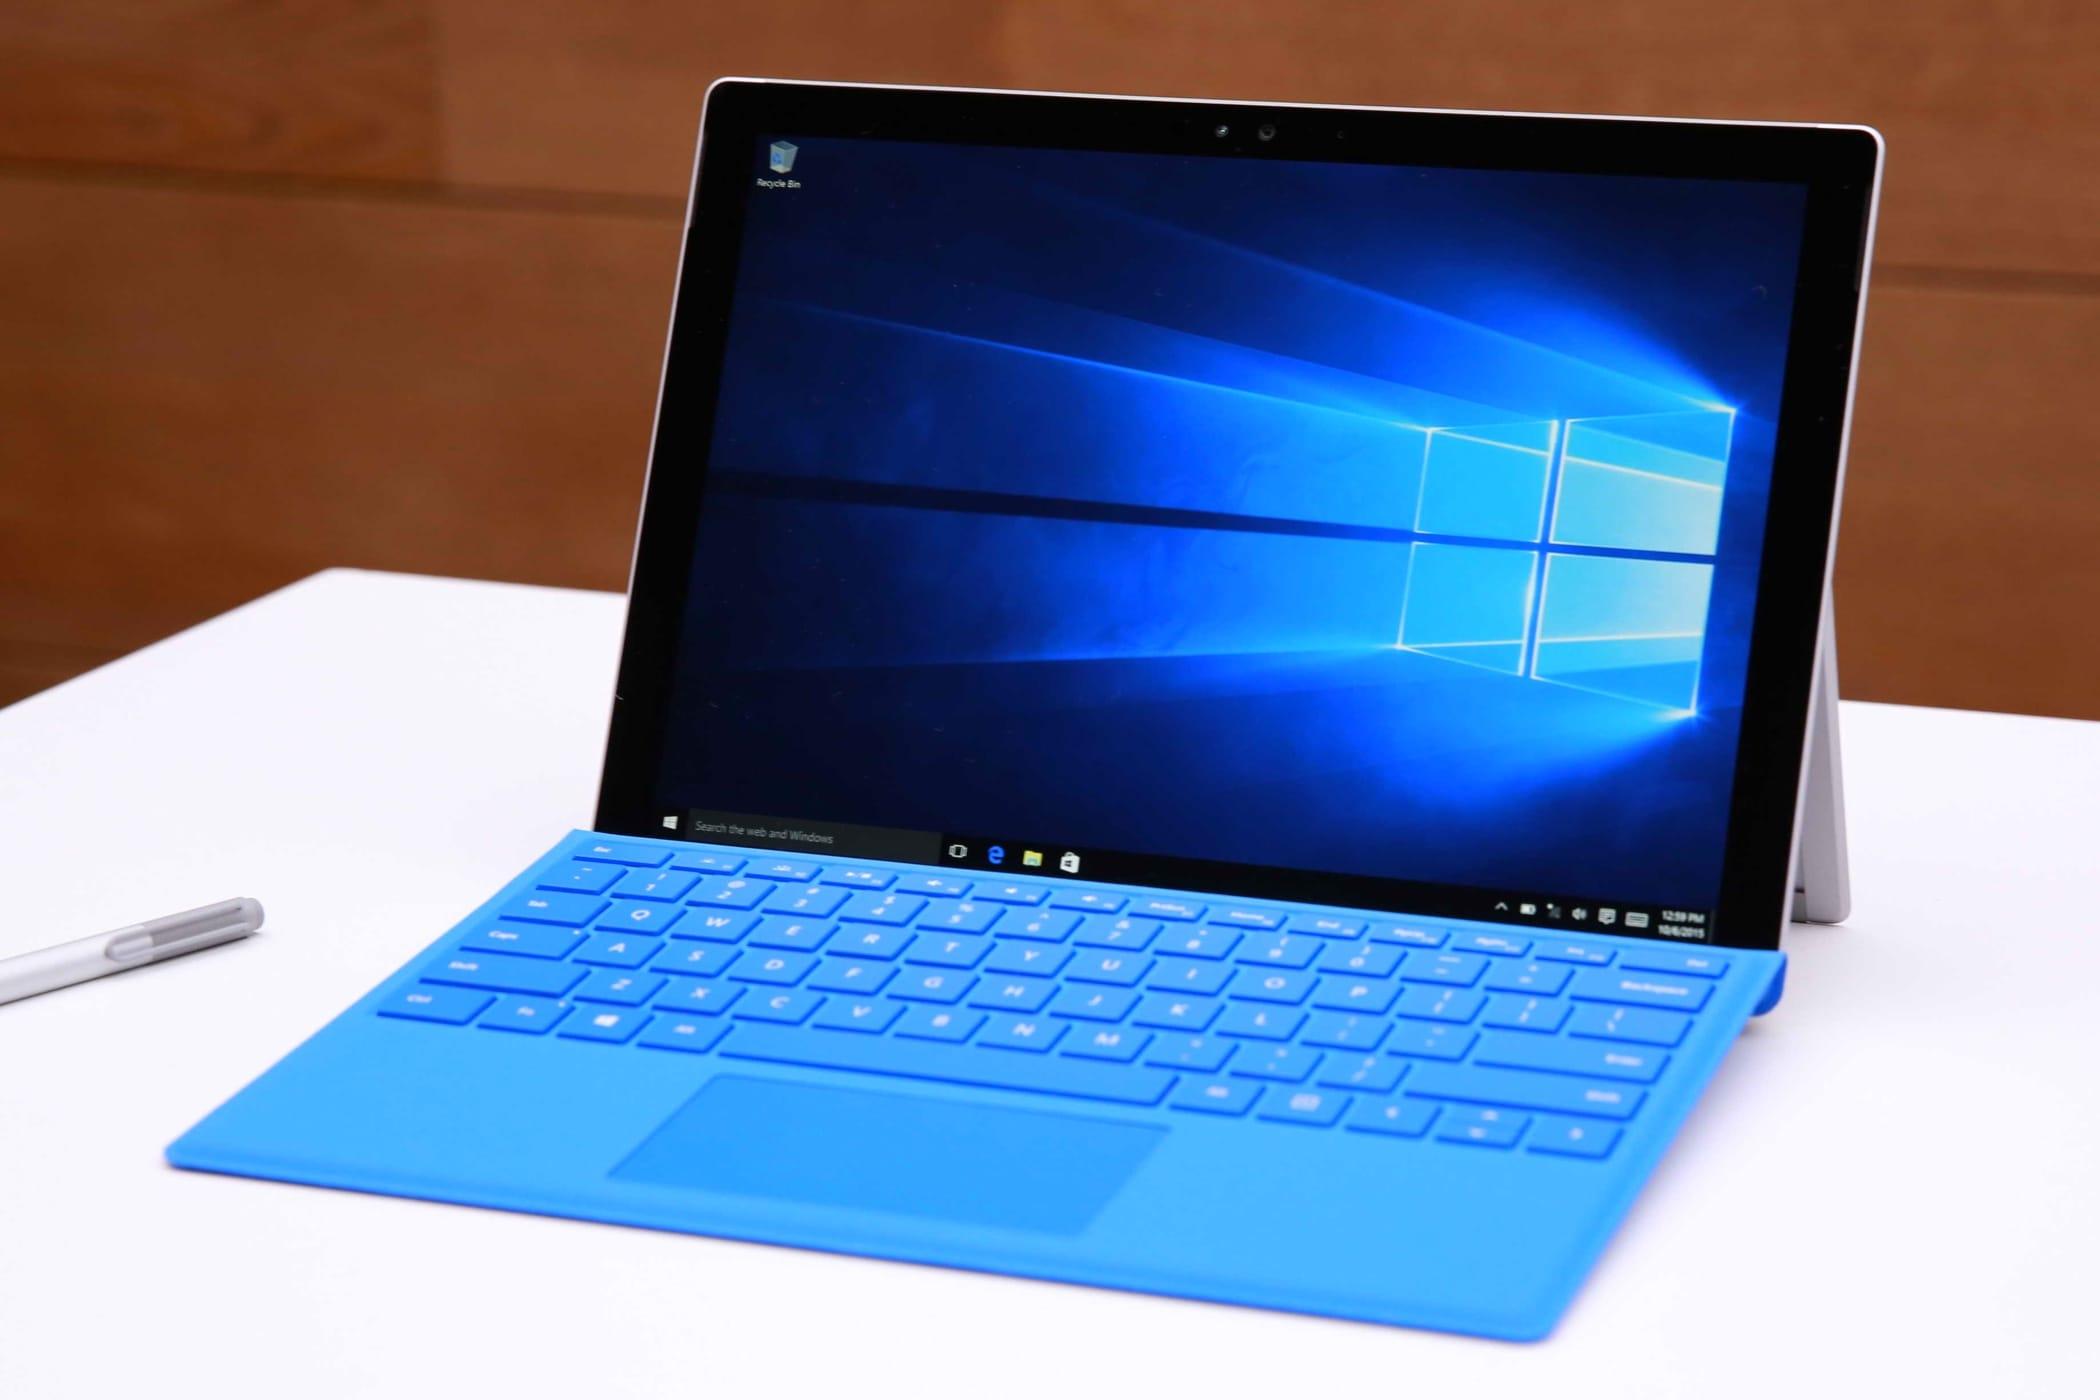 Специалисты описали методы пользоваться Windows 10 бесплатно